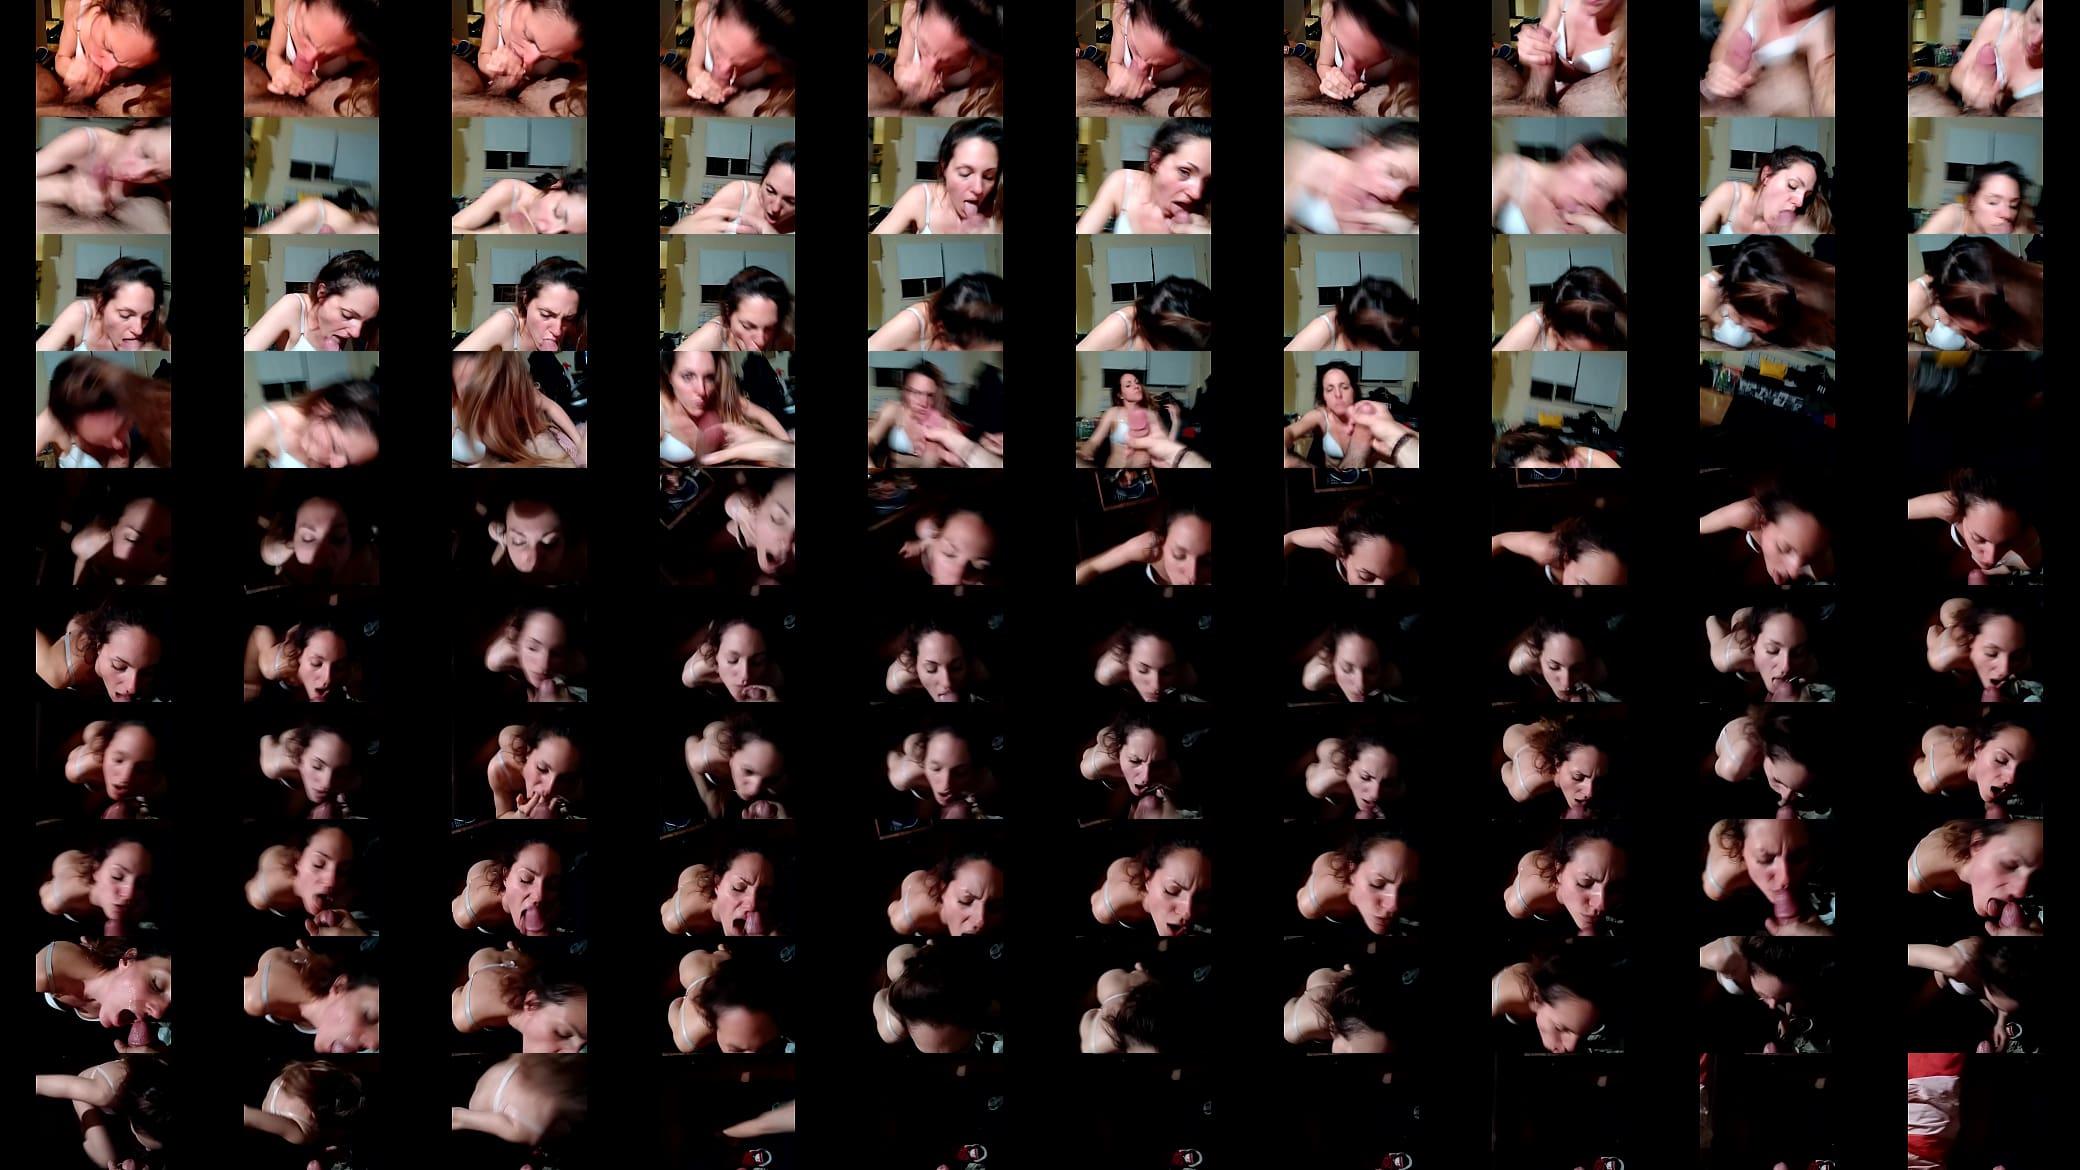 Mujeres Cagando Videos Porno mujer cagando a su marido - xnxx